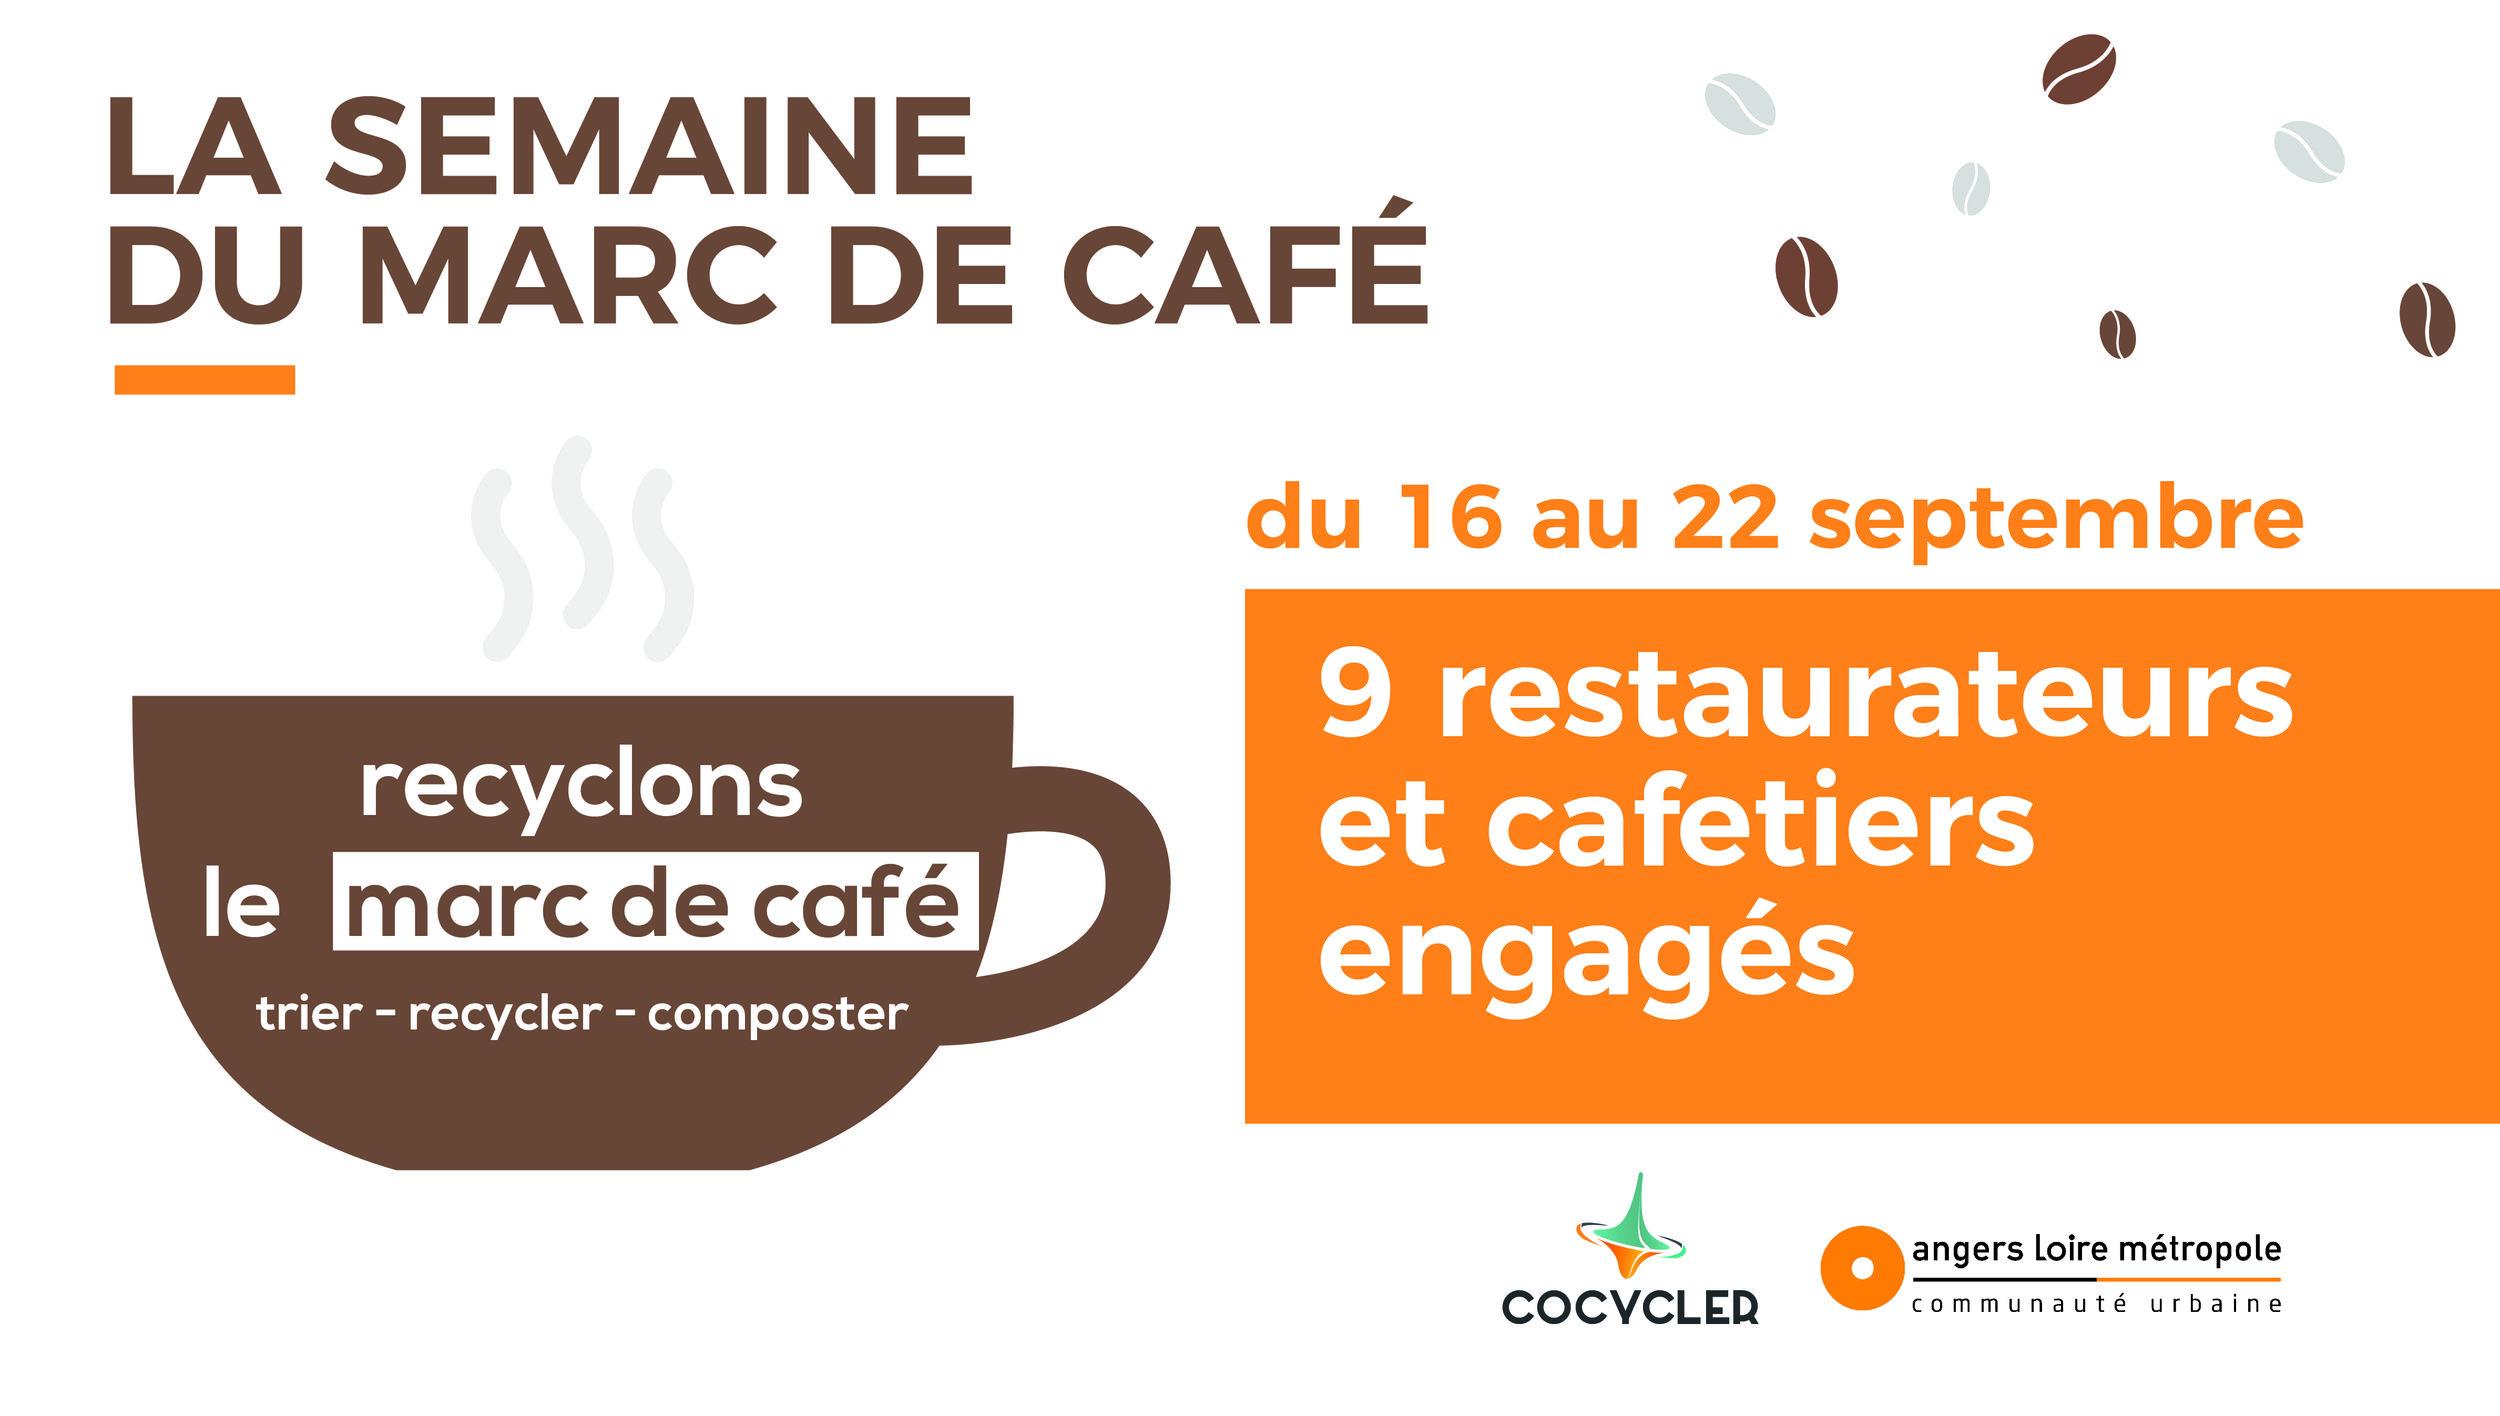 Liste des participants : - Bar LE WELCOME - 20 Rue Saint MartinSalon de thé LES PÂTISSEURS - 3 Rue Saint ÉtienneBar LE PICPUS - 2 Quai des CarmesBar LA DESCENTE DE LA MARINE - 28 Quai des CarmesBar MARÉCHAL'S PUB - 70 Boulevard du Maréchal FochRestaurant LA BOUCHERIE - 48 Boulevard du Maréchal FochBar CAFÉ SAINT AUBIN - 48 Boulevard du Maréchal FochRestaurant T4 COFFEE & FOOD - 8 Place HéraultSalon de thé CHEZ MARGUERITE - 7 Rue Pocquet de Livonnières